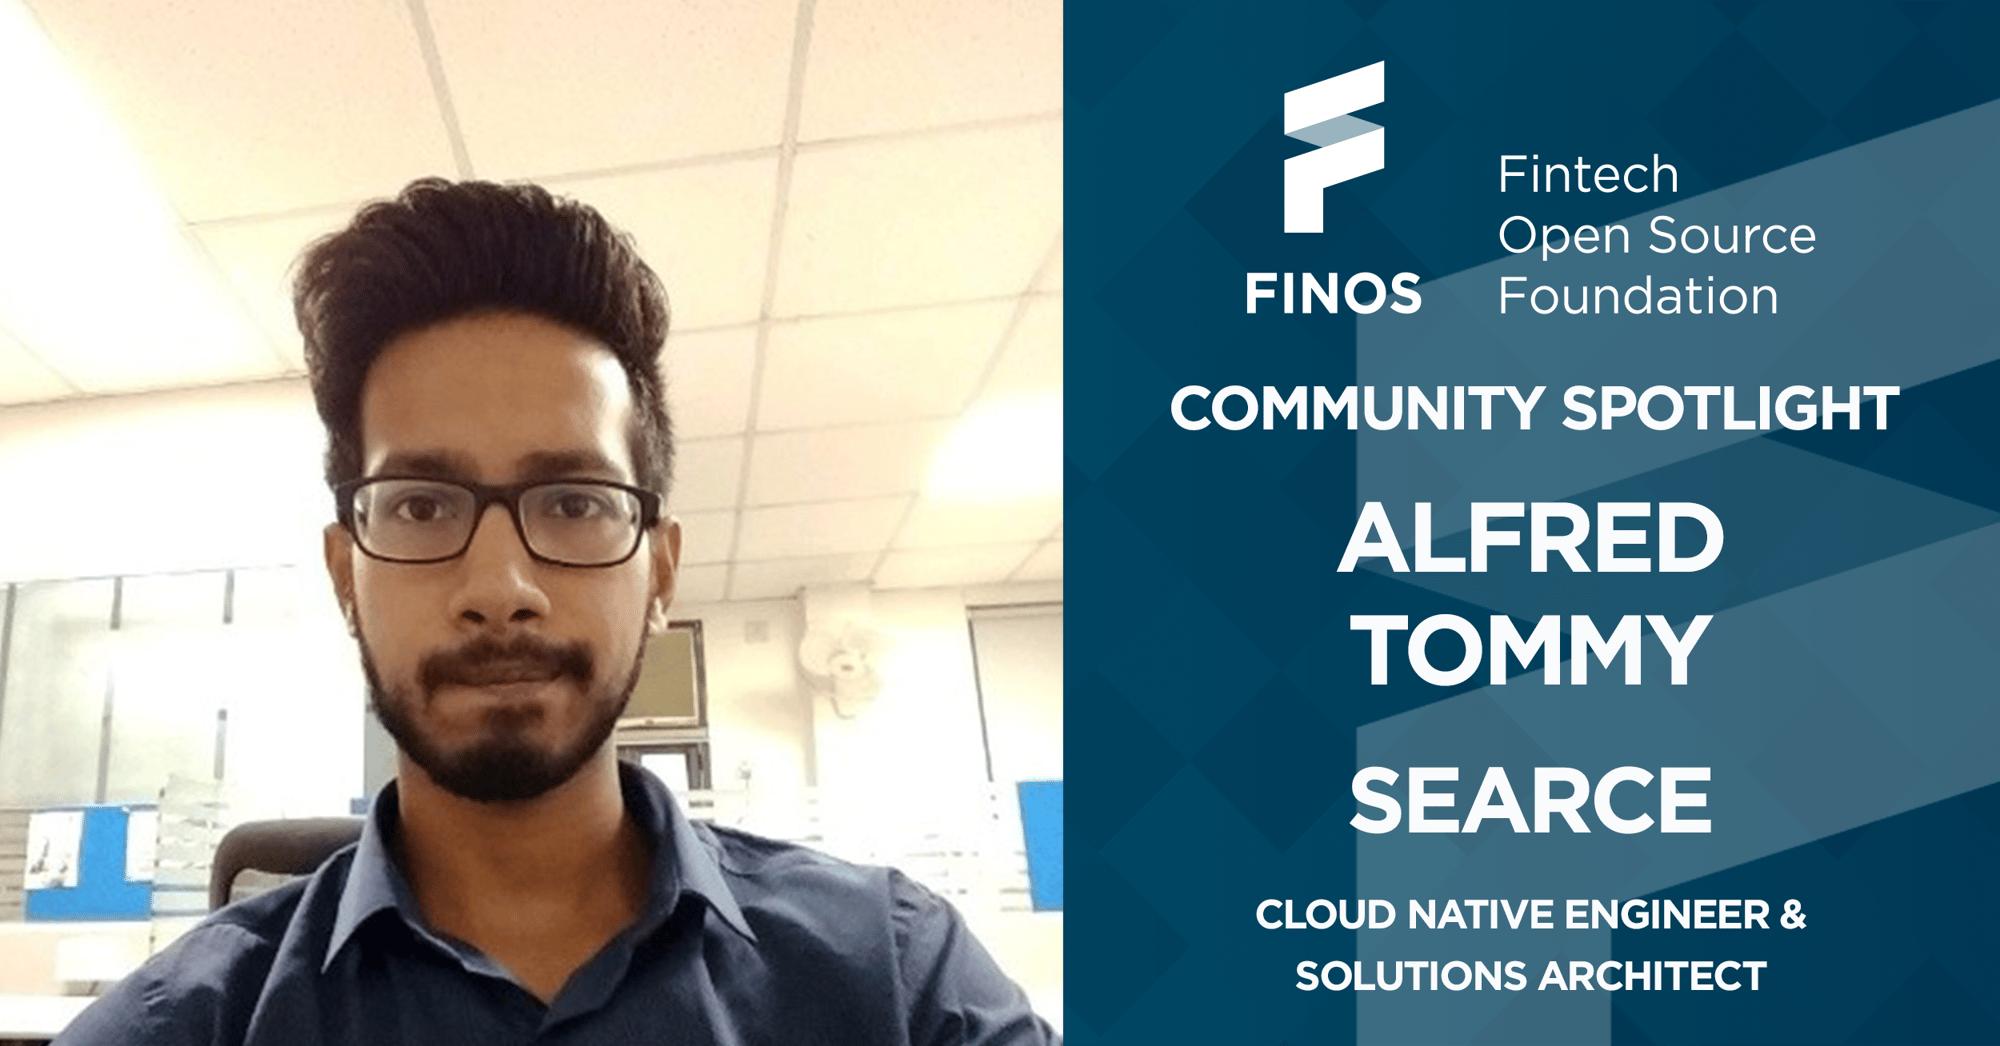 FINOS-community-spotlight-alfred-tommy